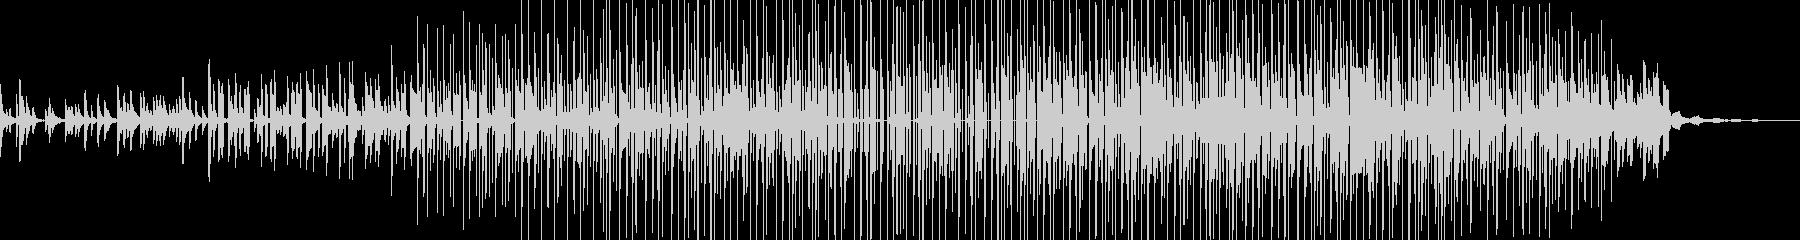 ヒップホップ楽器。暗い「路地裏」溝...の未再生の波形